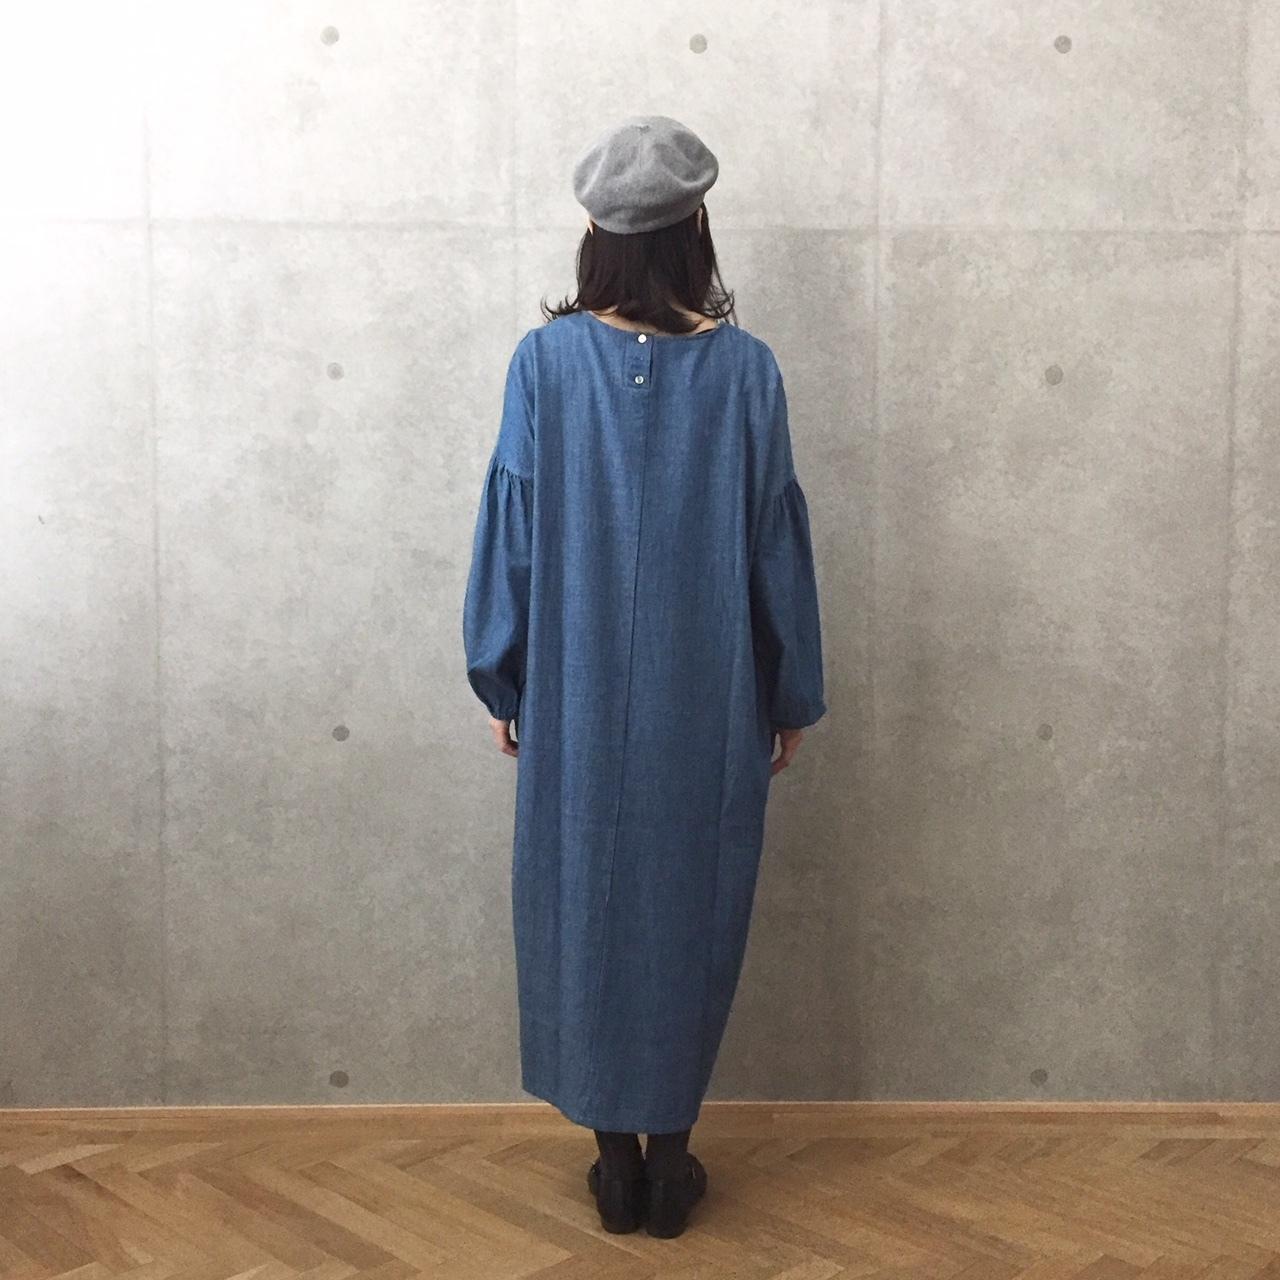 Chronikデニム袖ふくれワンピース